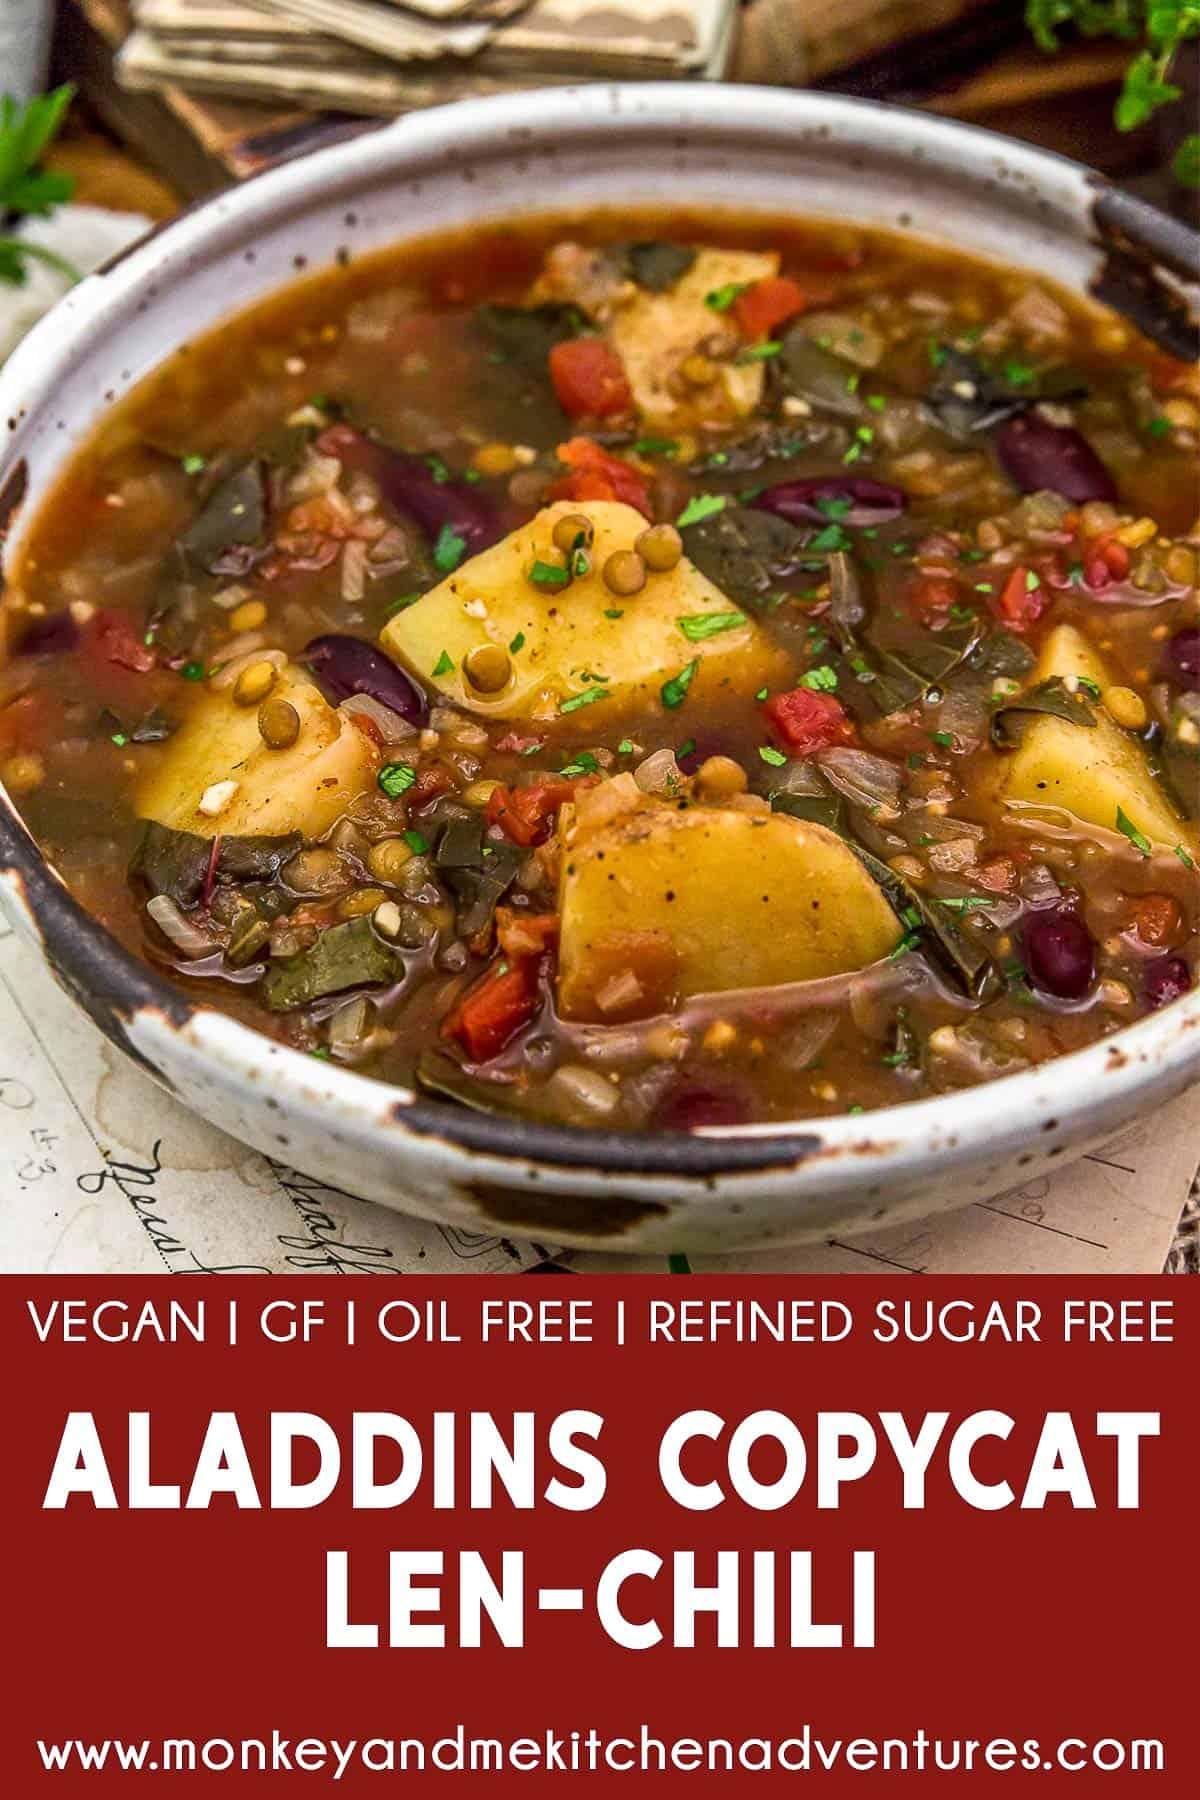 Aladdin's Copycat Len-Chili Soup with Text Description